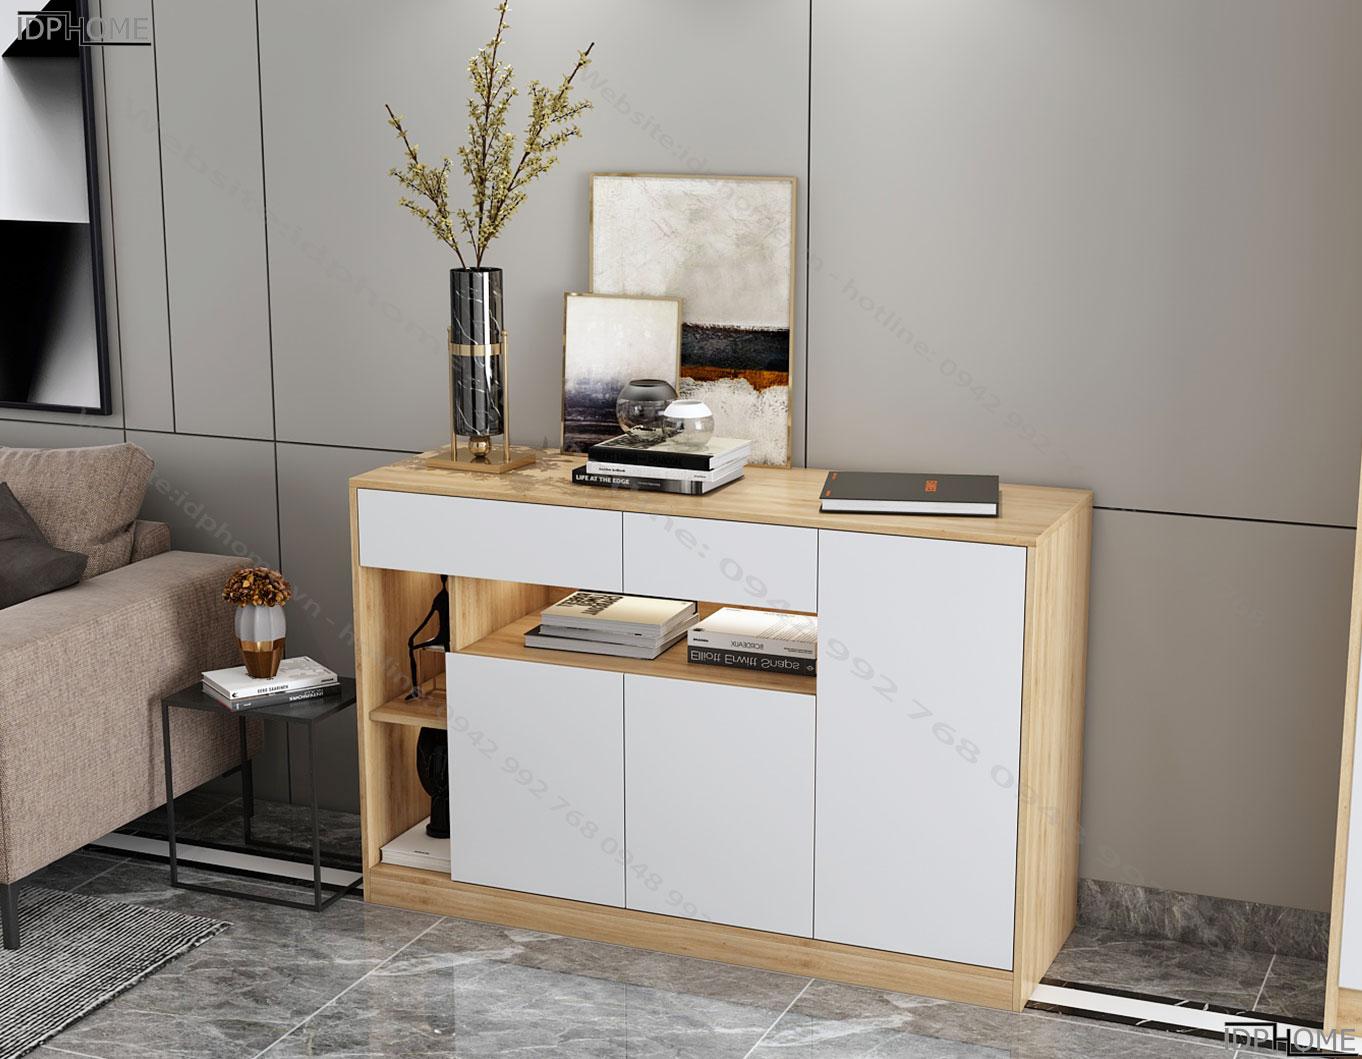 Tủ ngăn kéo TD6806 thiết kế đa năng phù hợp cho nhiều không gian.